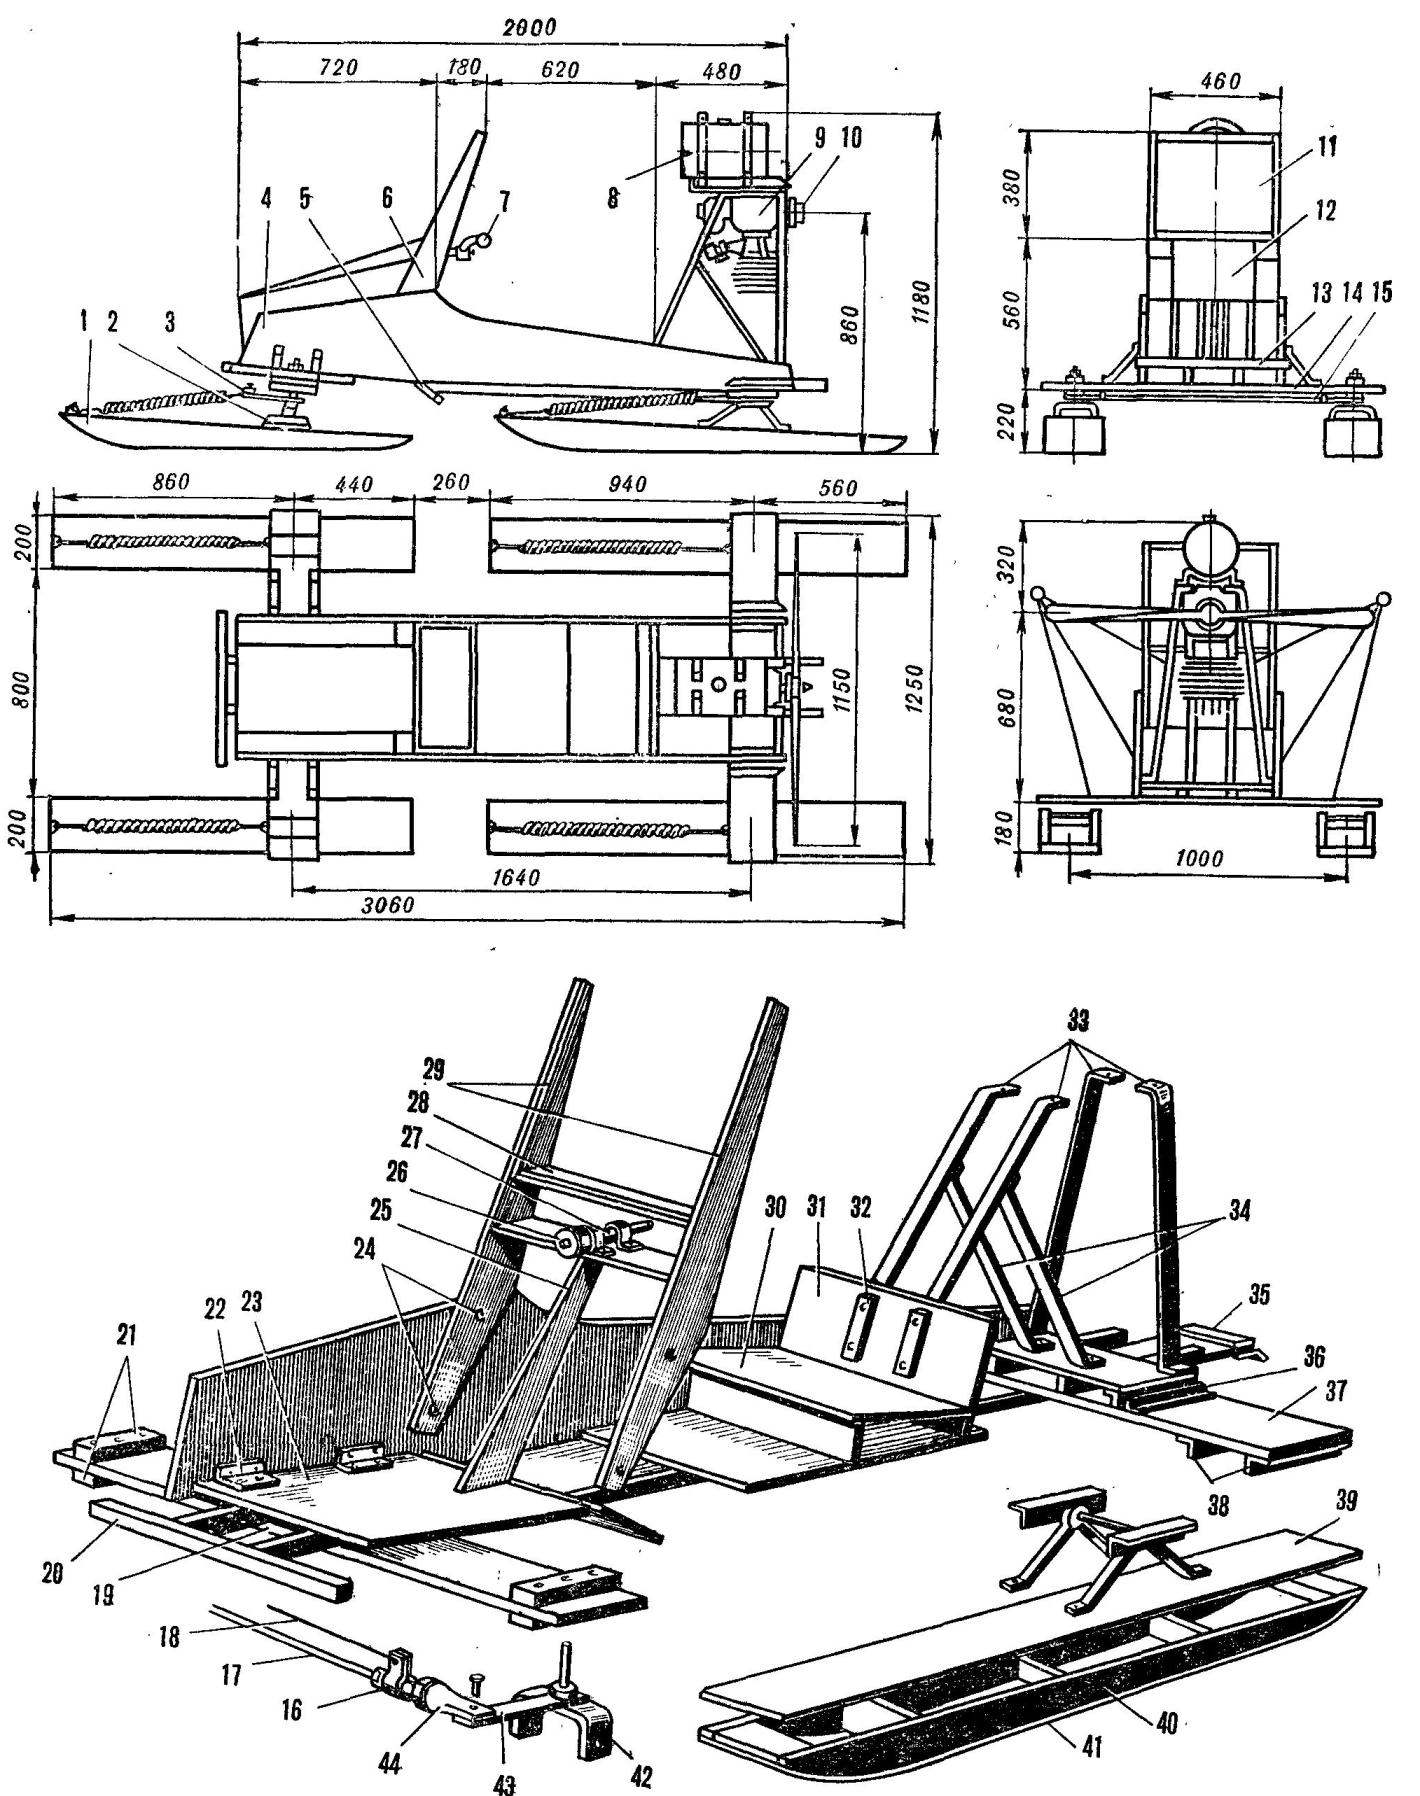 Рис. 2. Конструкция аэросаней «Комета-70»